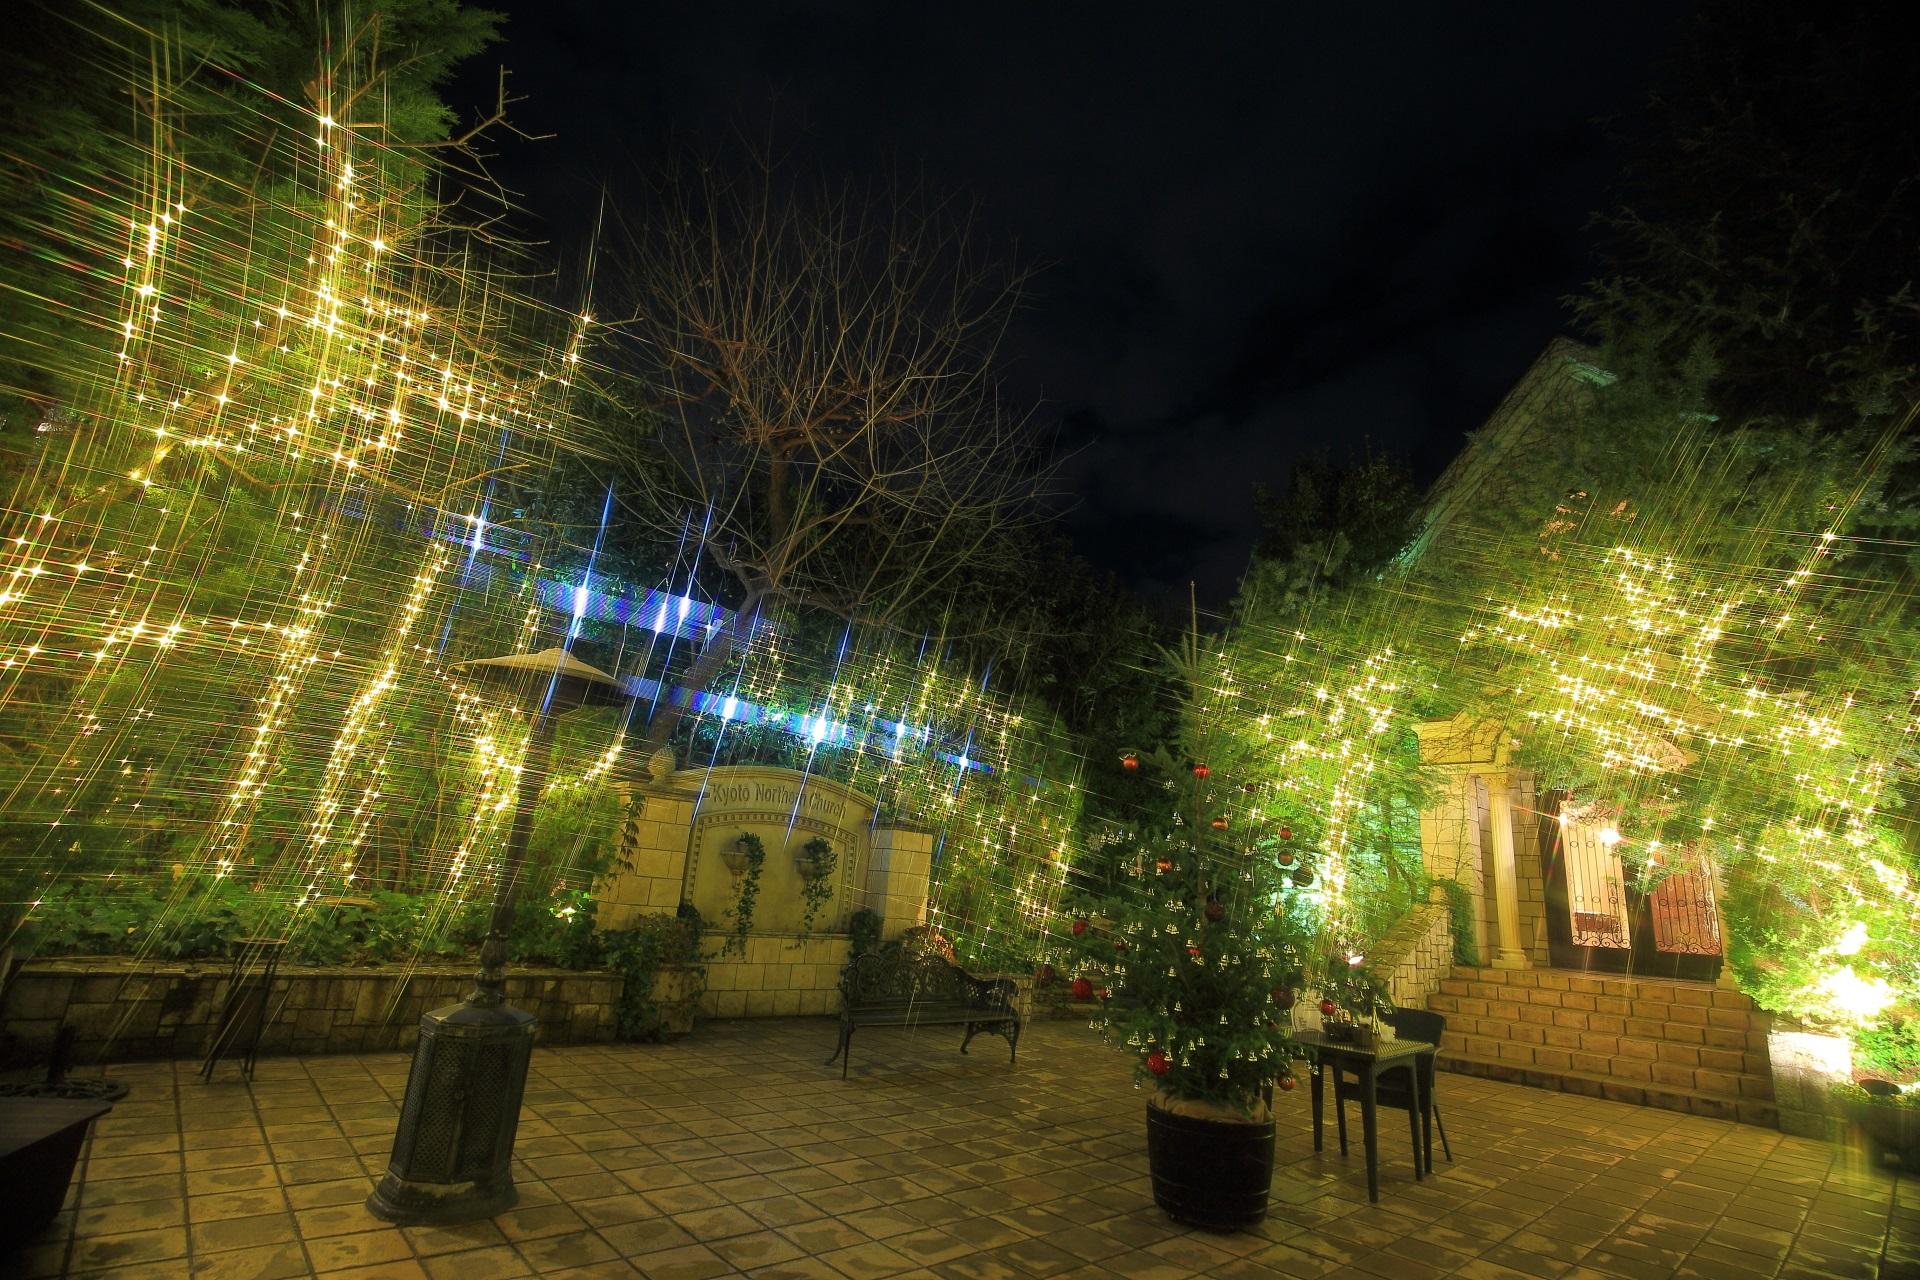 教会の庭園の幻想的なイルミネーション